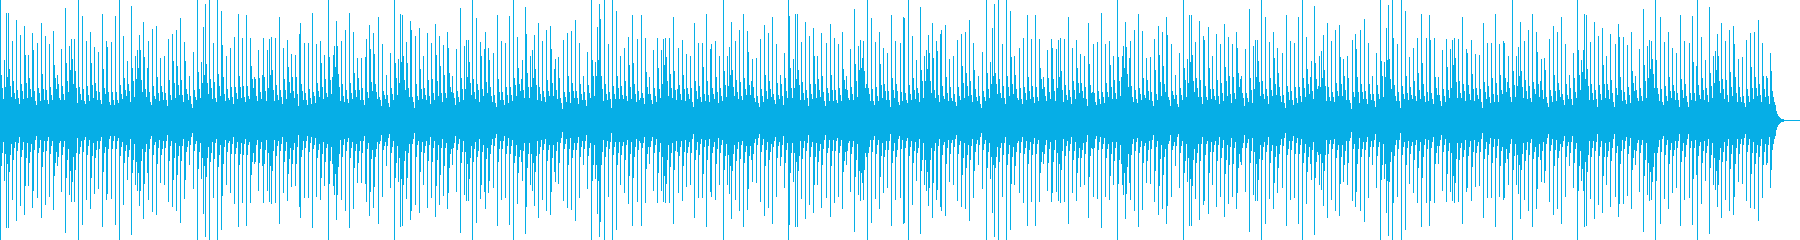 【童謡オルゴール】ロンドン橋の再生済みの波形